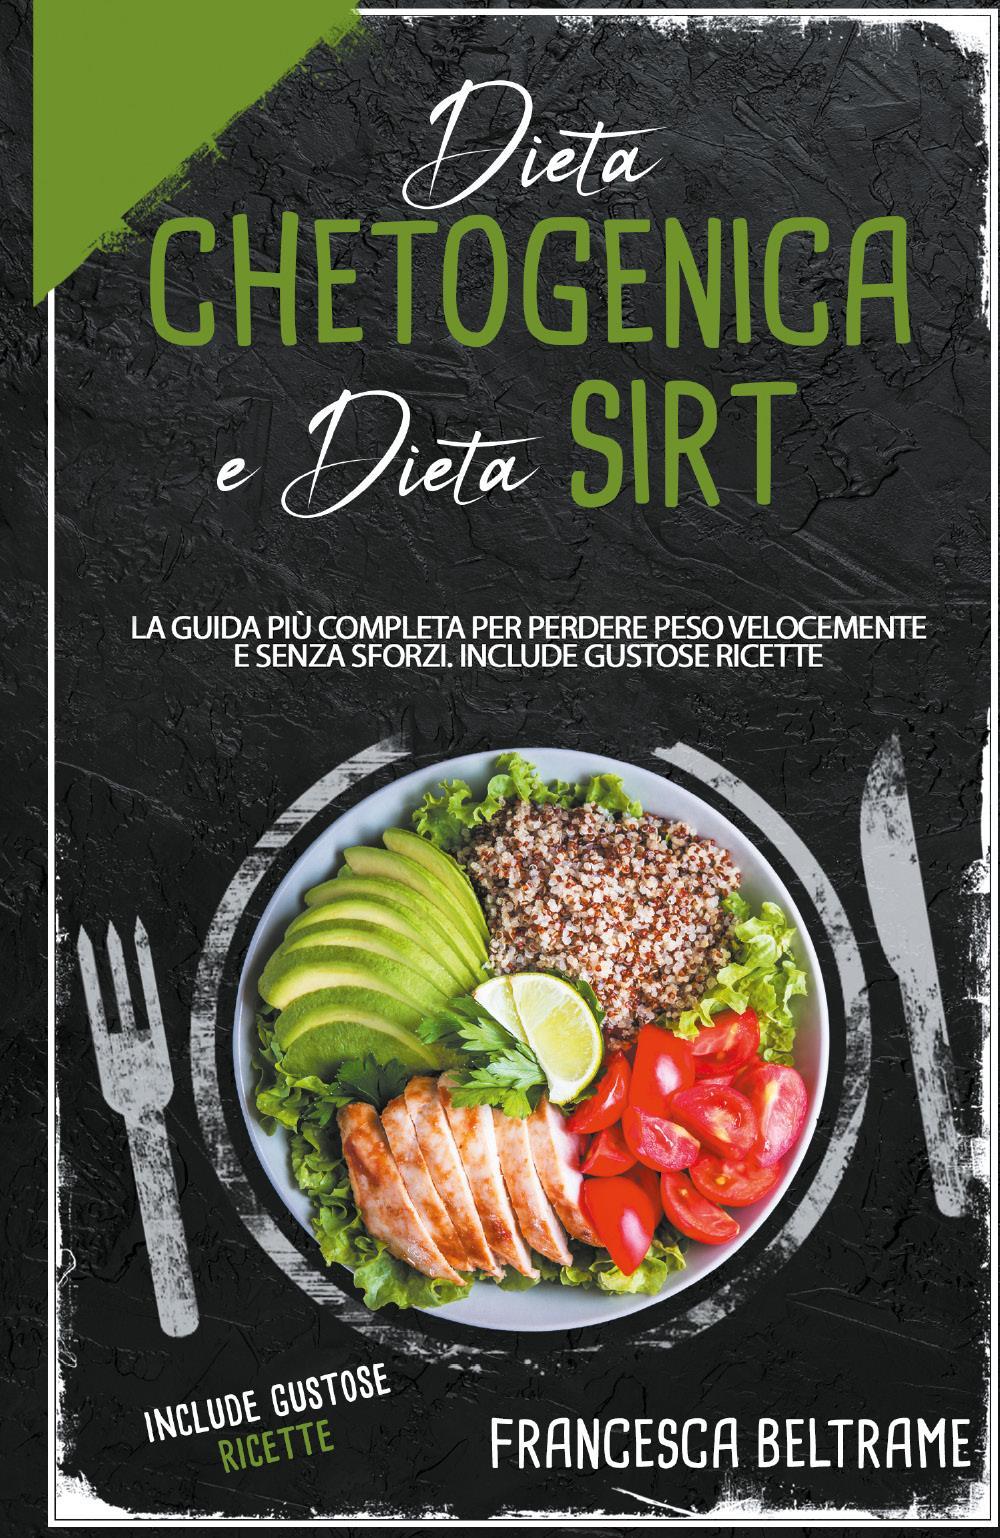 DIETA CHETOGENICA E DIETA SIRT; La Guida Più Completa Per Perdere Peso Velocemente e Senza Sforzi. Include gustose Ricette